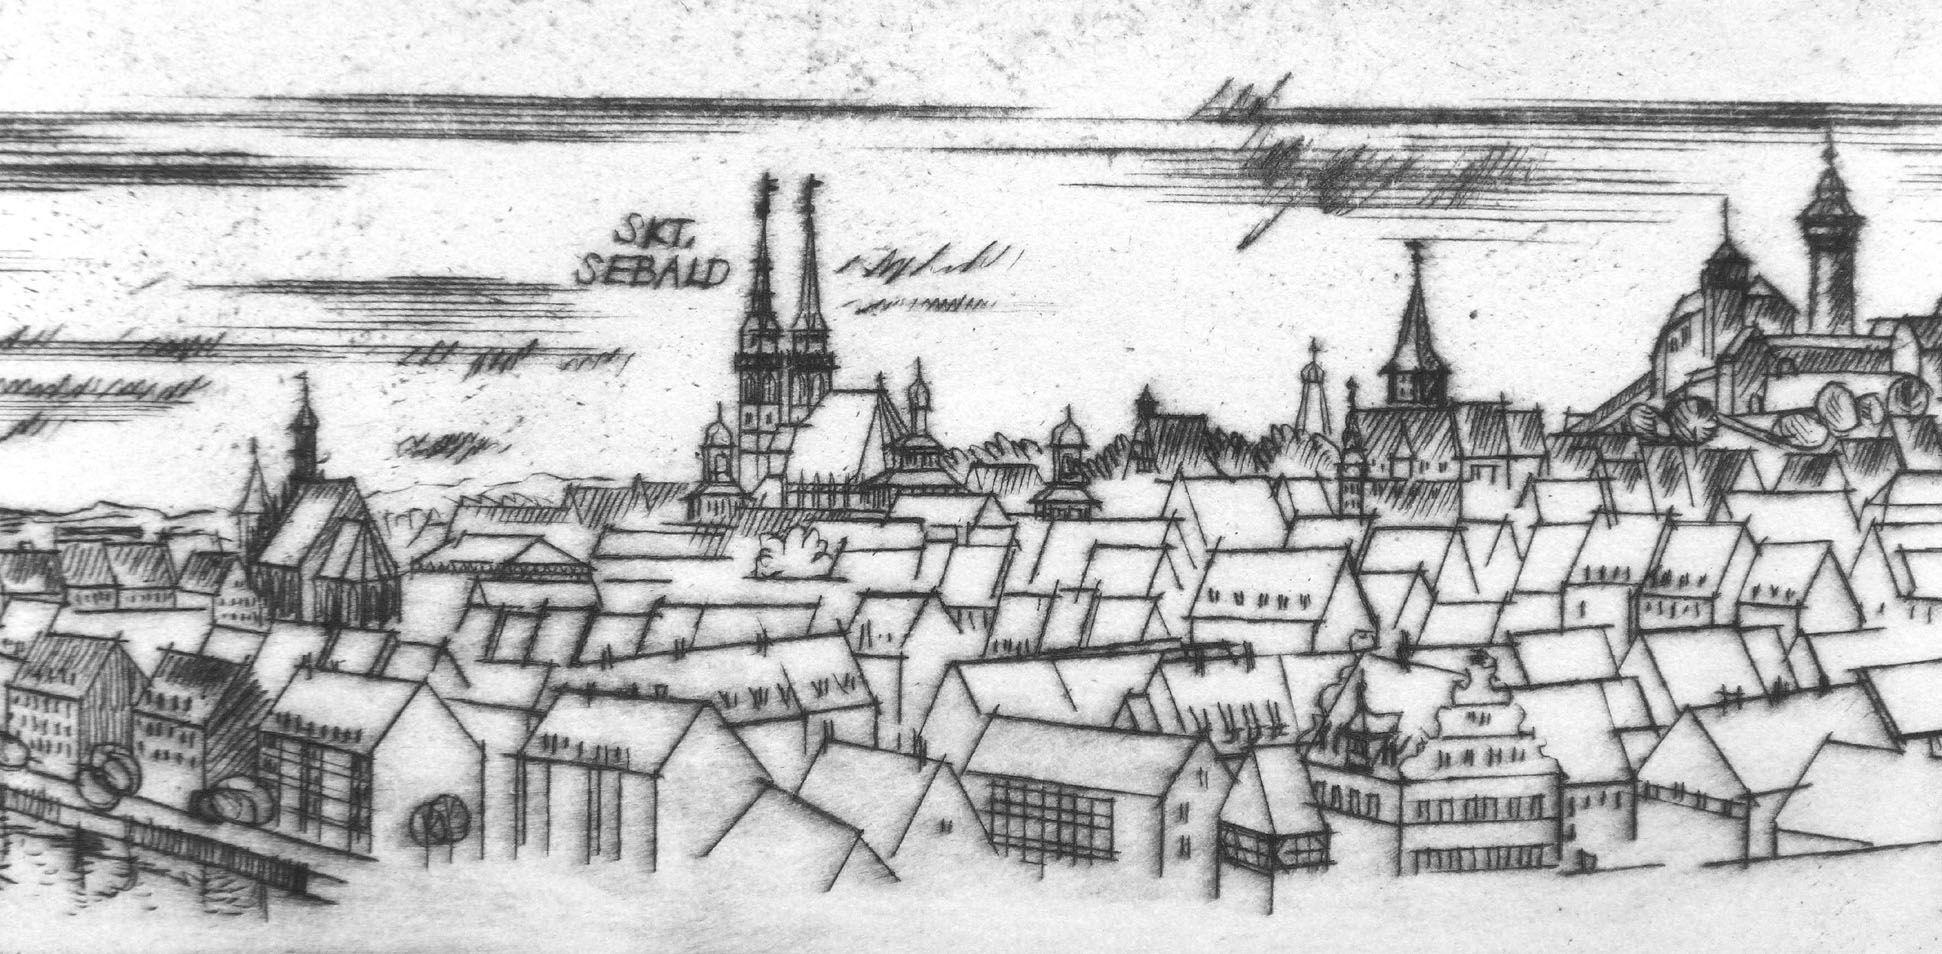 Sankt Sebalduskirche in Nürnberg, 600 Jahre Hallenchor, 1379 - 1979 Stadtansicht am unteren Bildrand, Details von der Frauenkirche bis zur Burg